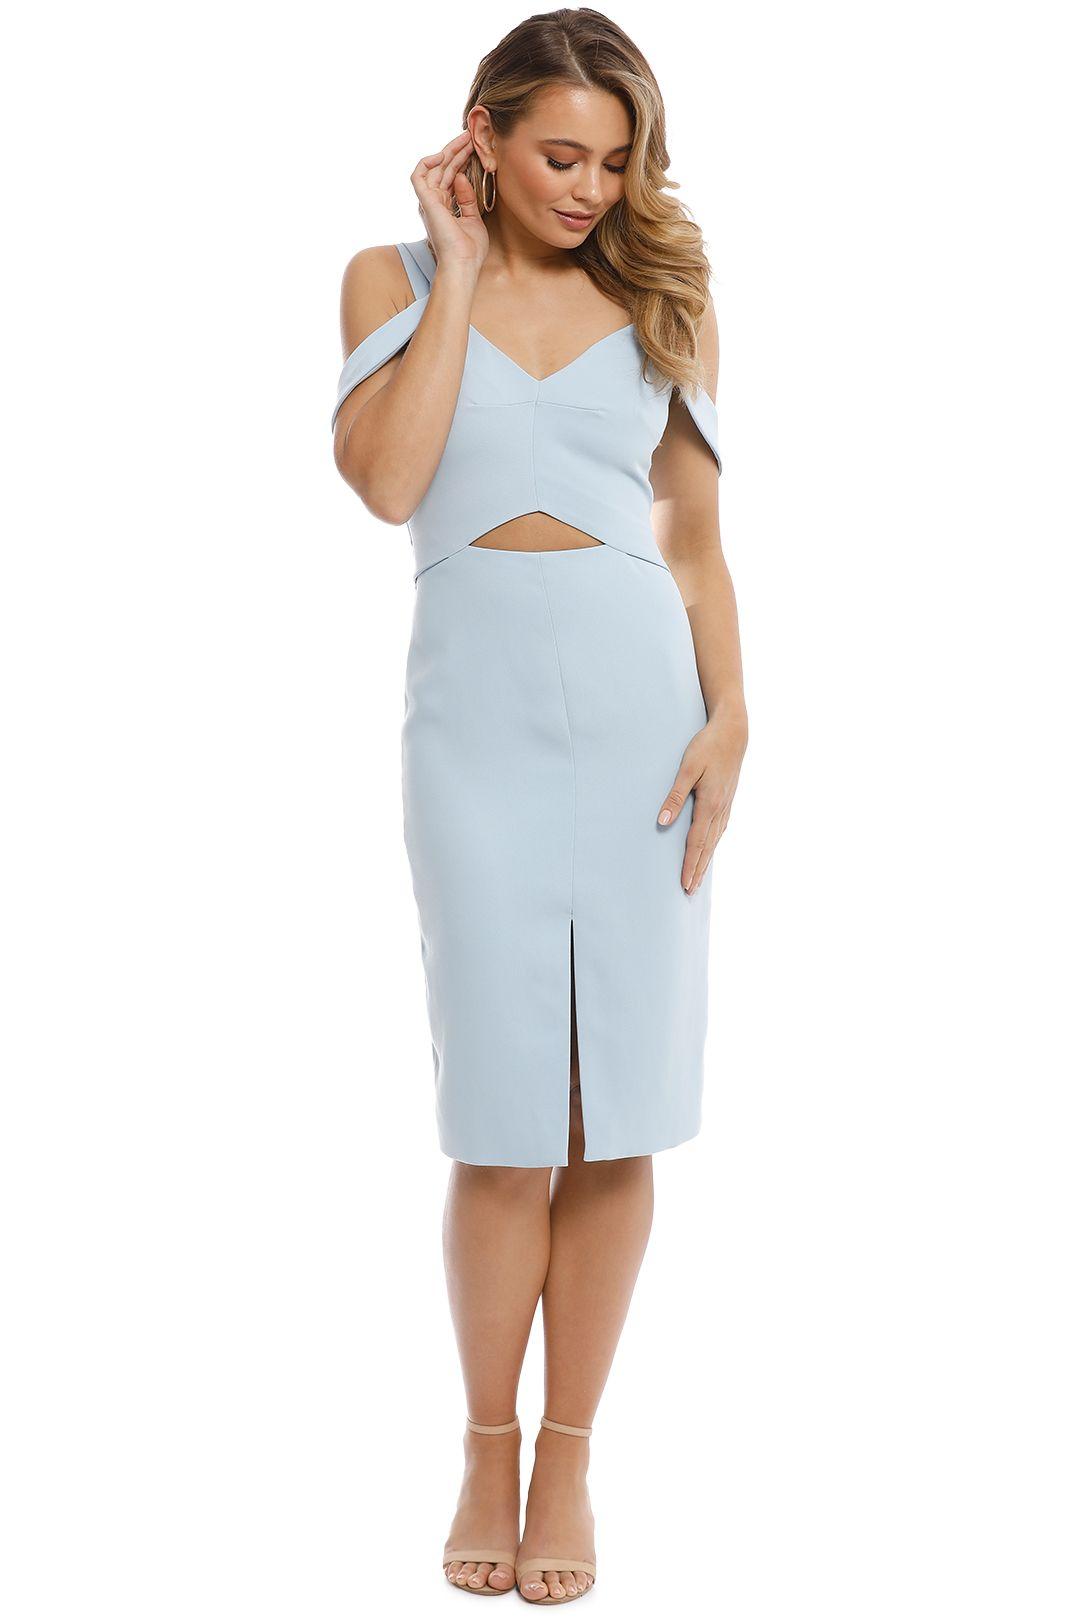 Elliatt - Liberty Dress - Blue - Front